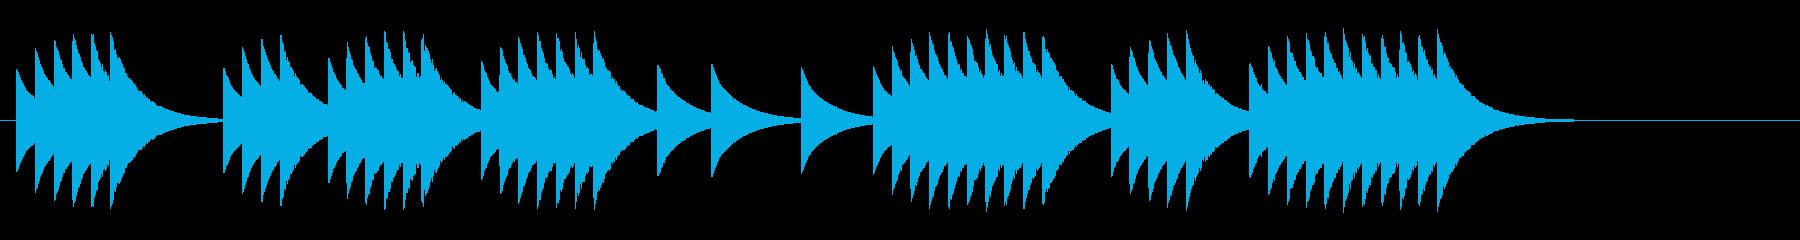 マシンガン連射の長さ組み合わせの再生済みの波形